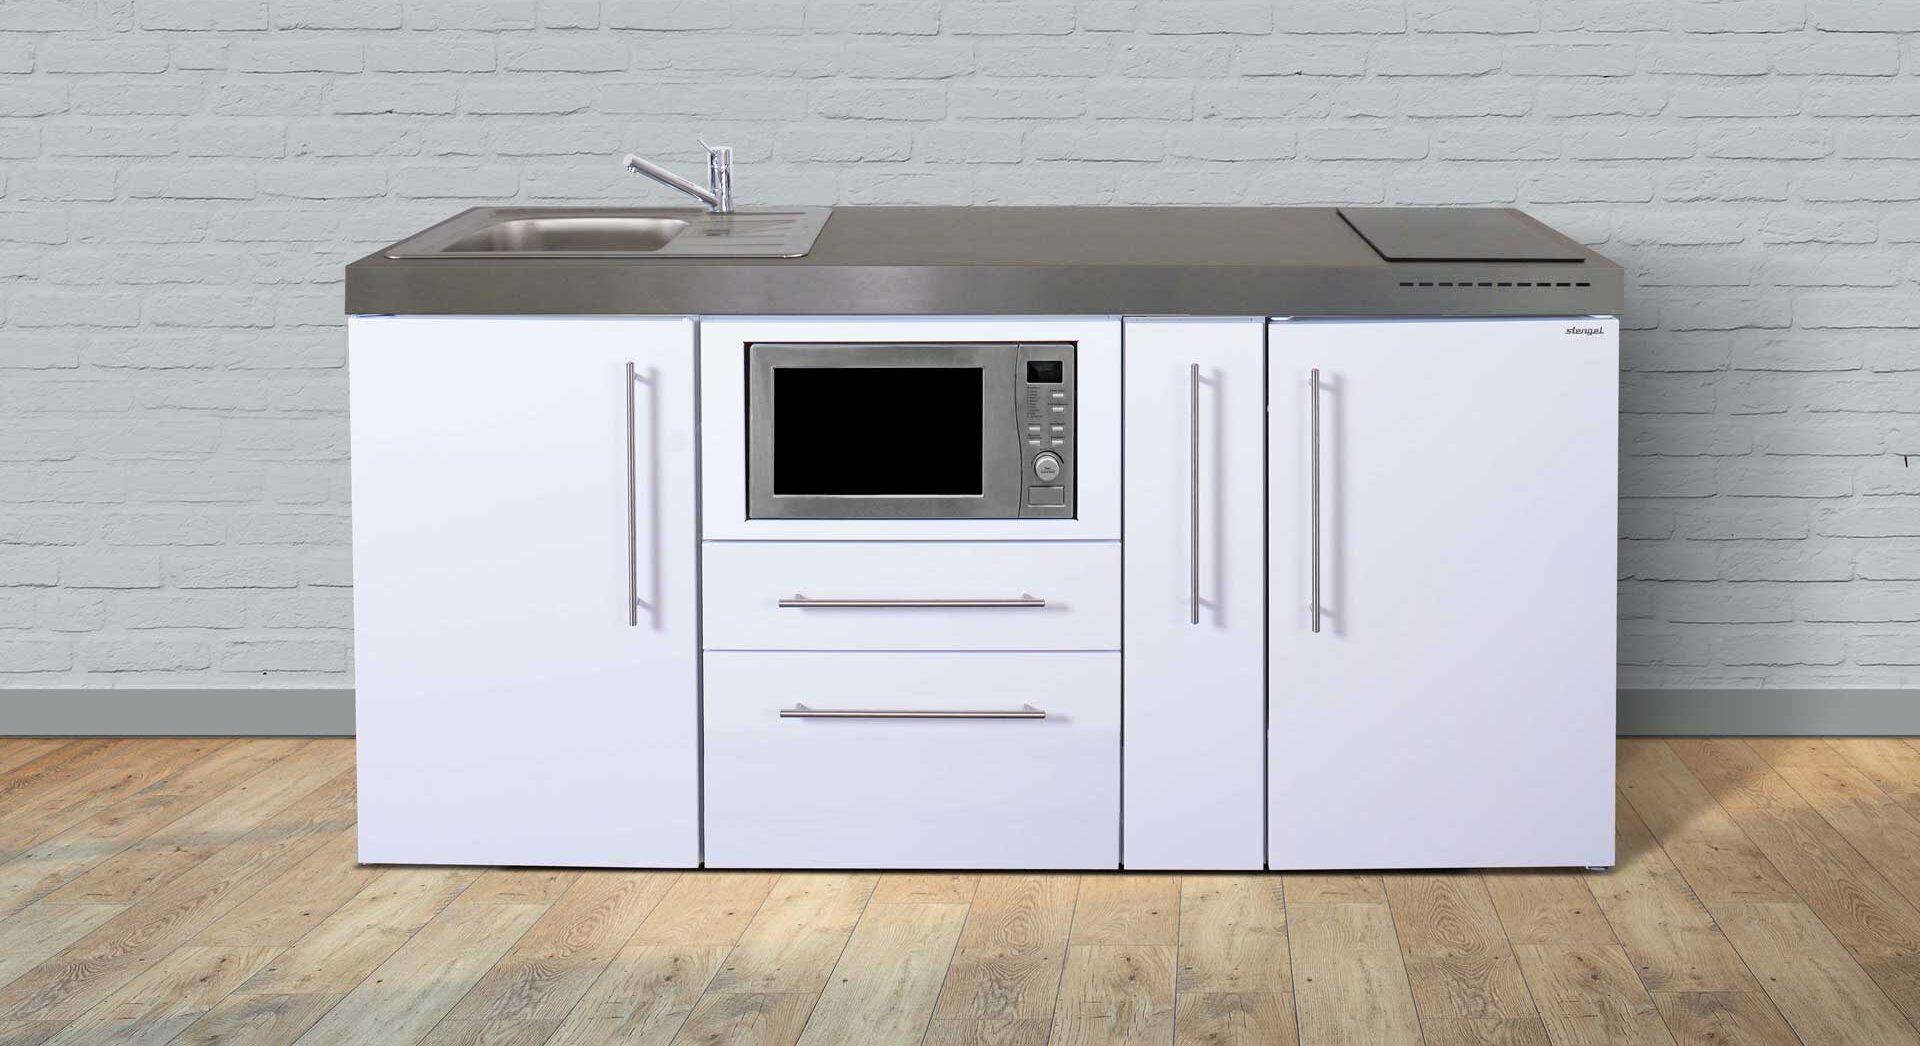 MPM 180 A - rustfrit stål minikøkken med mikro-ovn, køleskab m. frys, udtræksskab, induktionskogeplader mm. Vælg mellem 8 flotte farver.